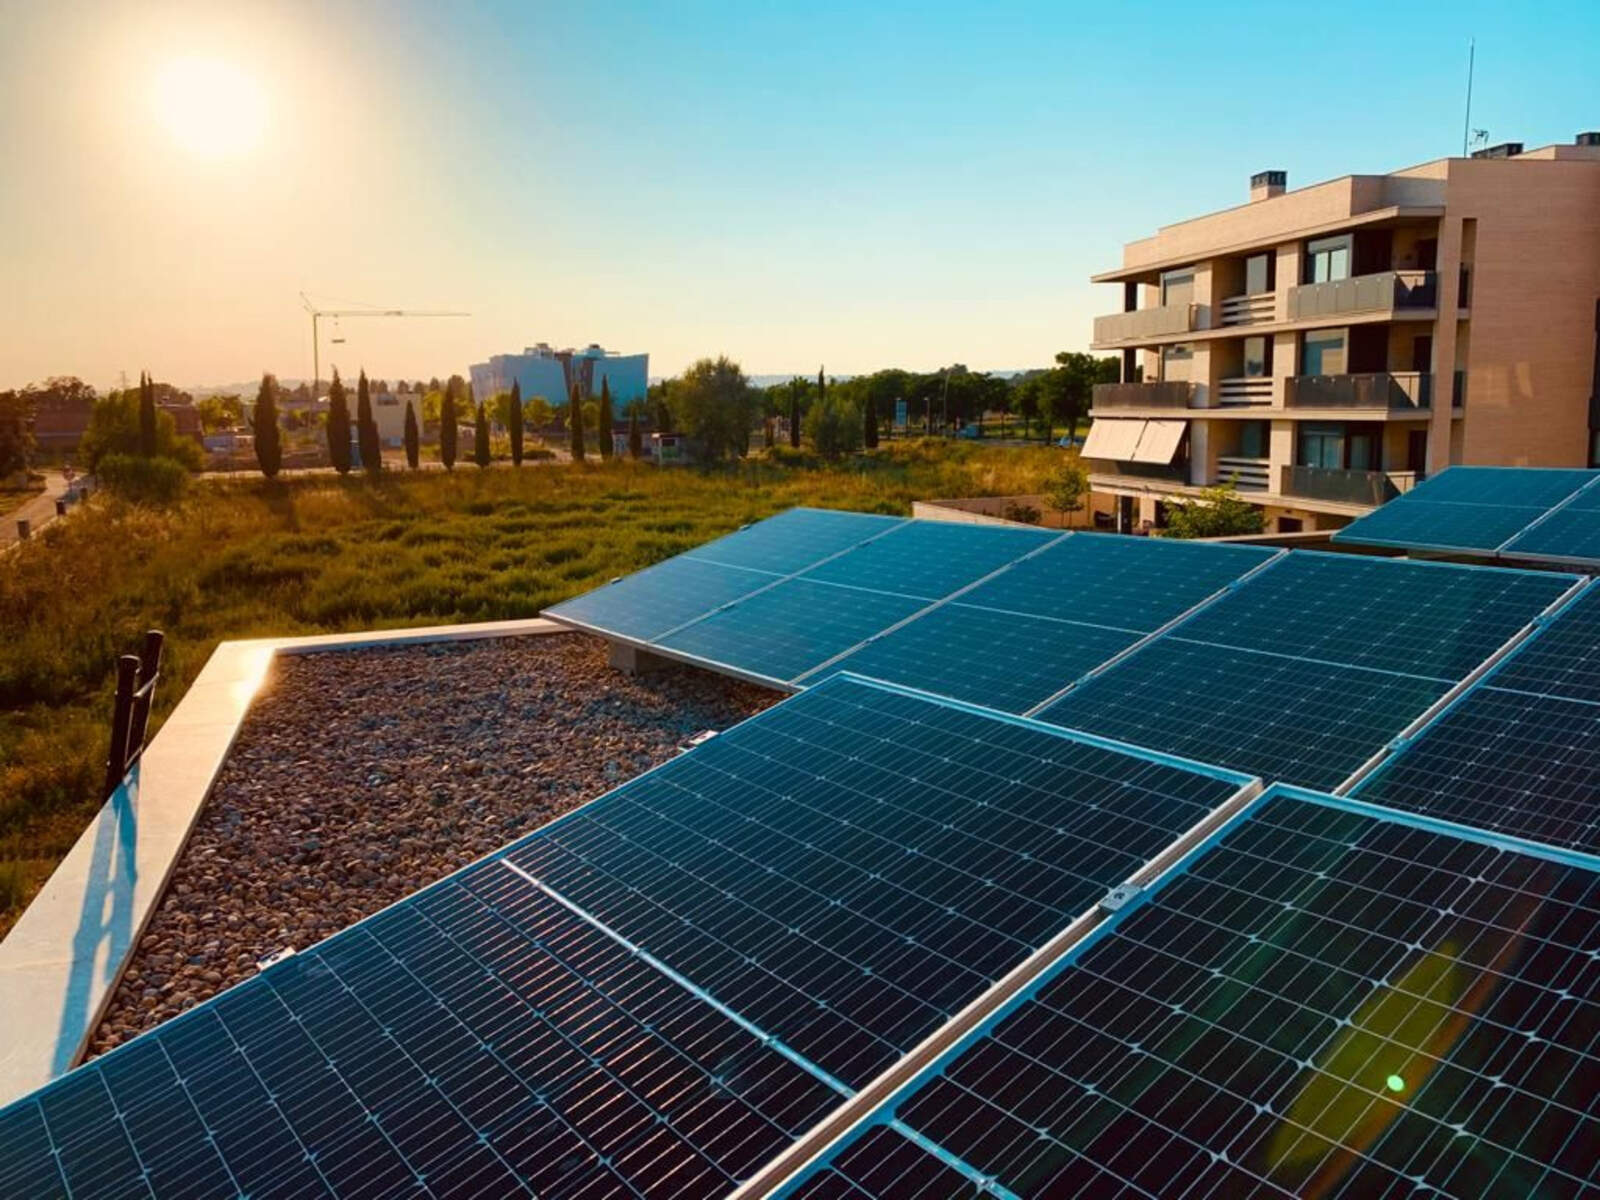 Instal·lació fotovoltaica realitzada a la ciutat de Lleida